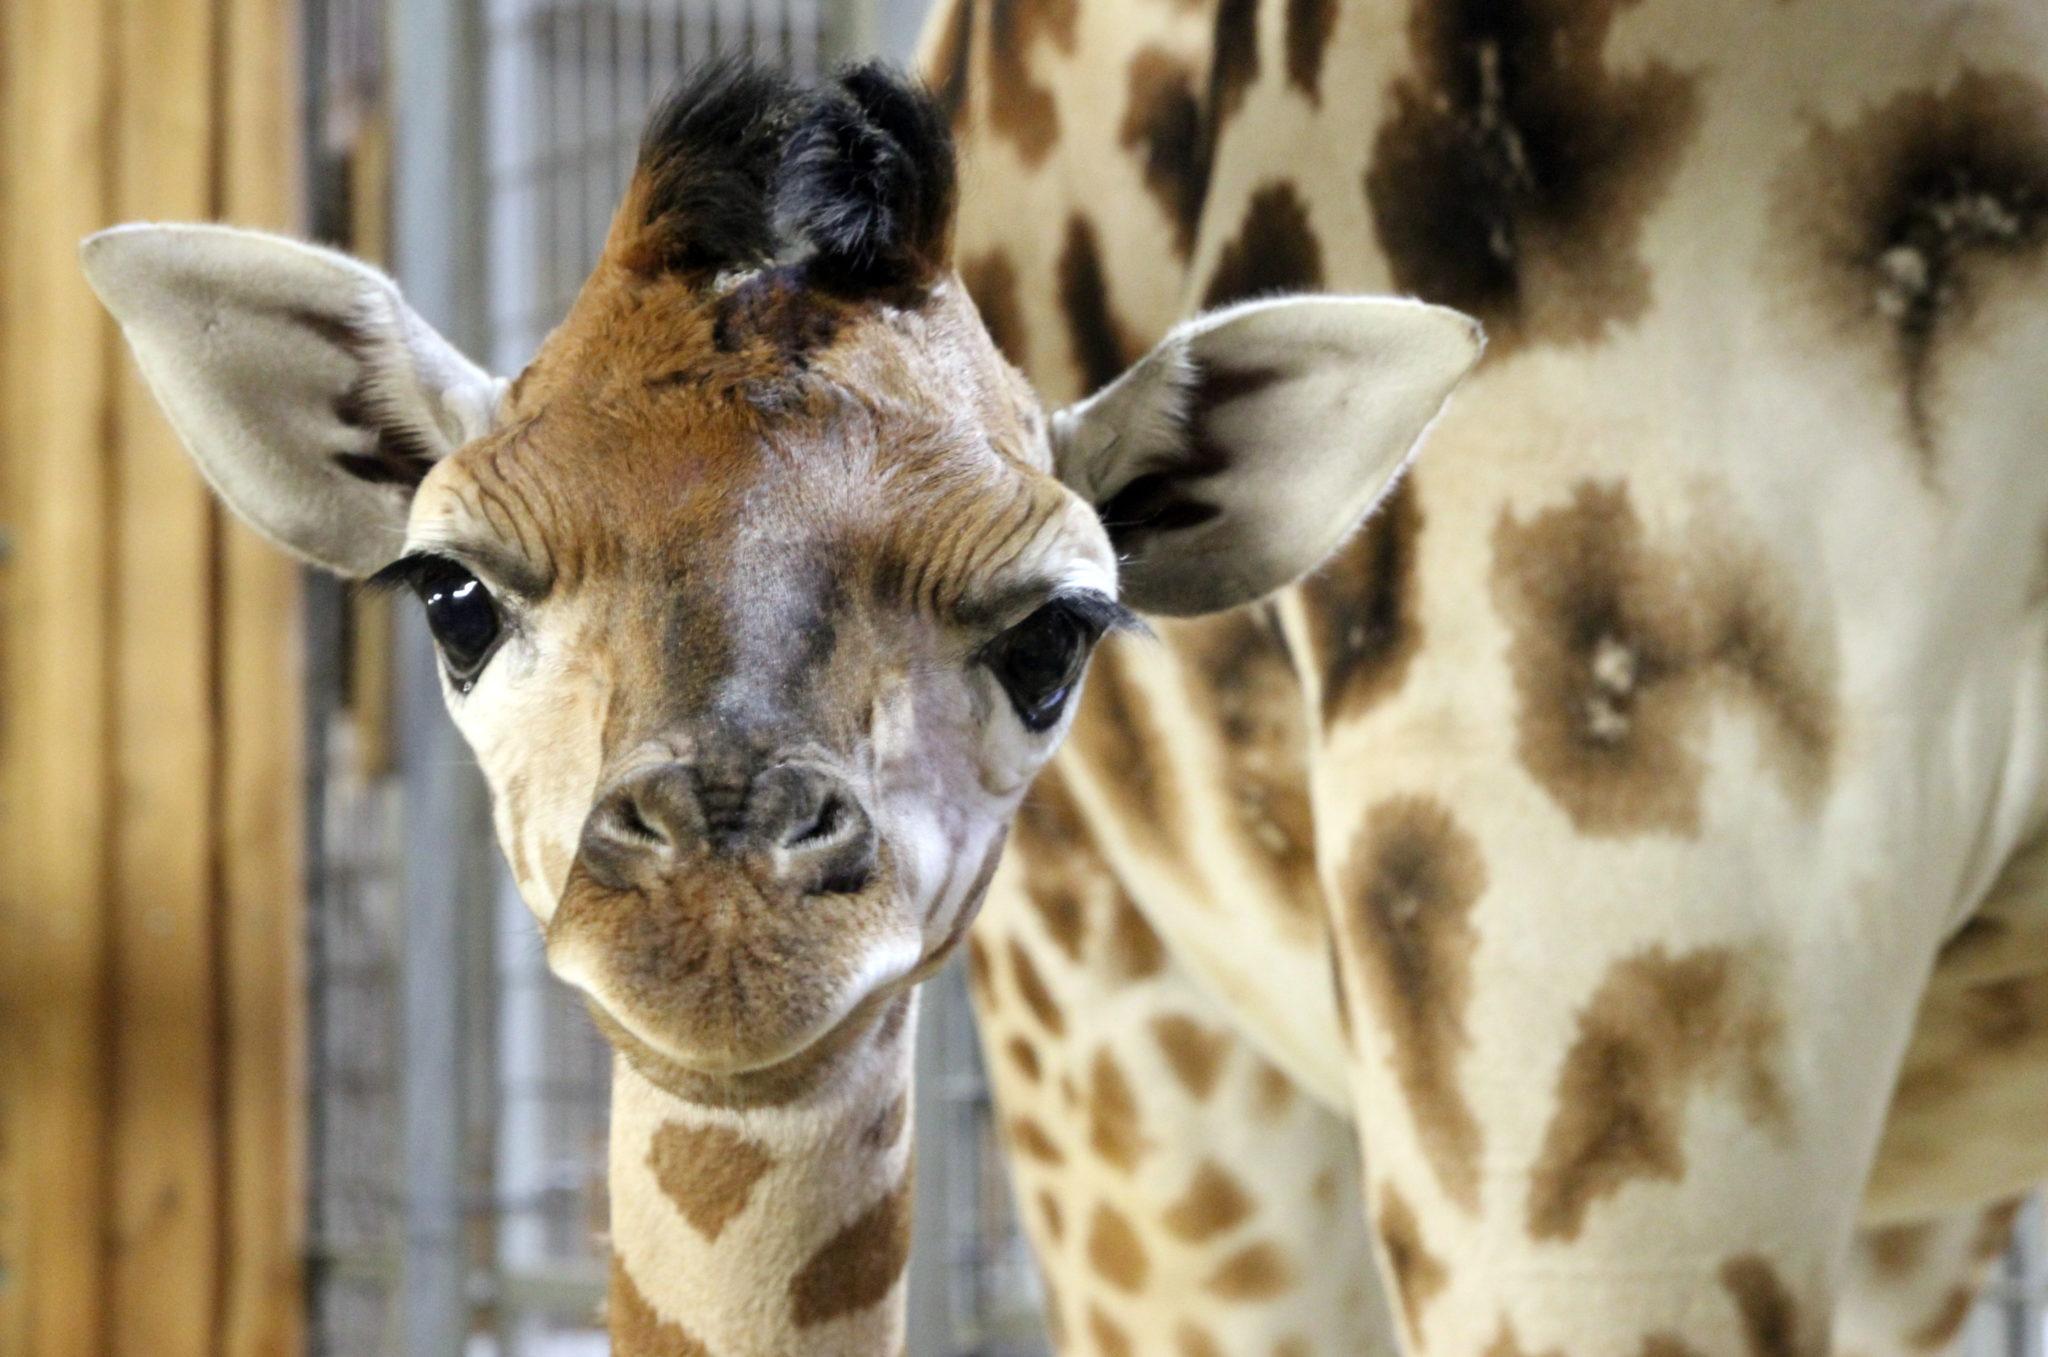 Polska: mała żyrafa w opolskim zoo (foto. PAP/PAP/Krzysztof Świderski)